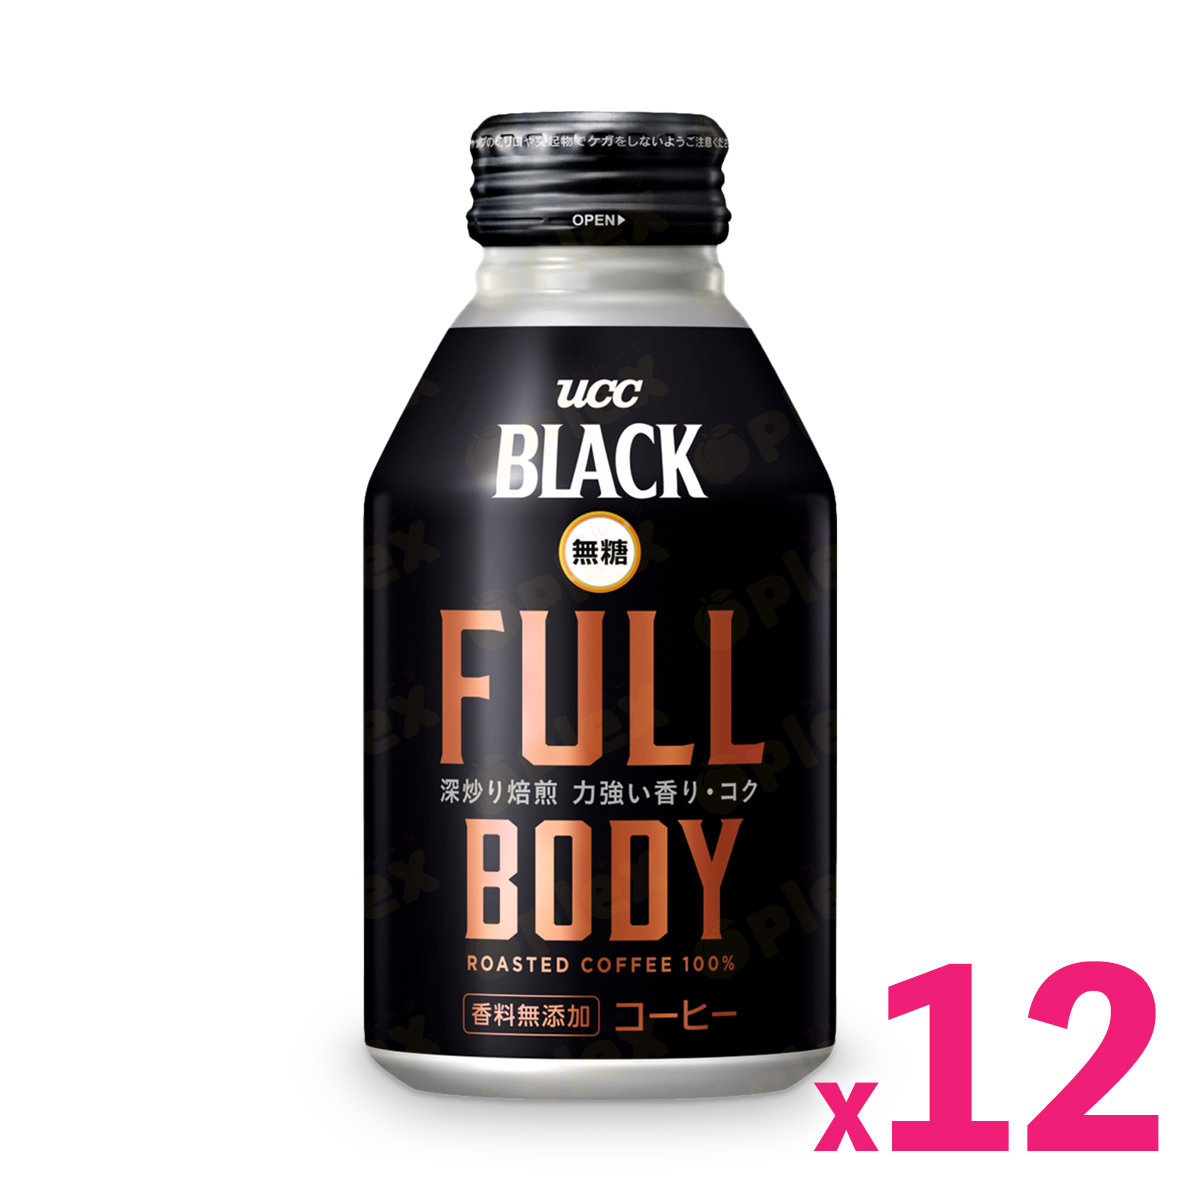 Full Body Sugar Free Black Coffee (275ml) x 12cans